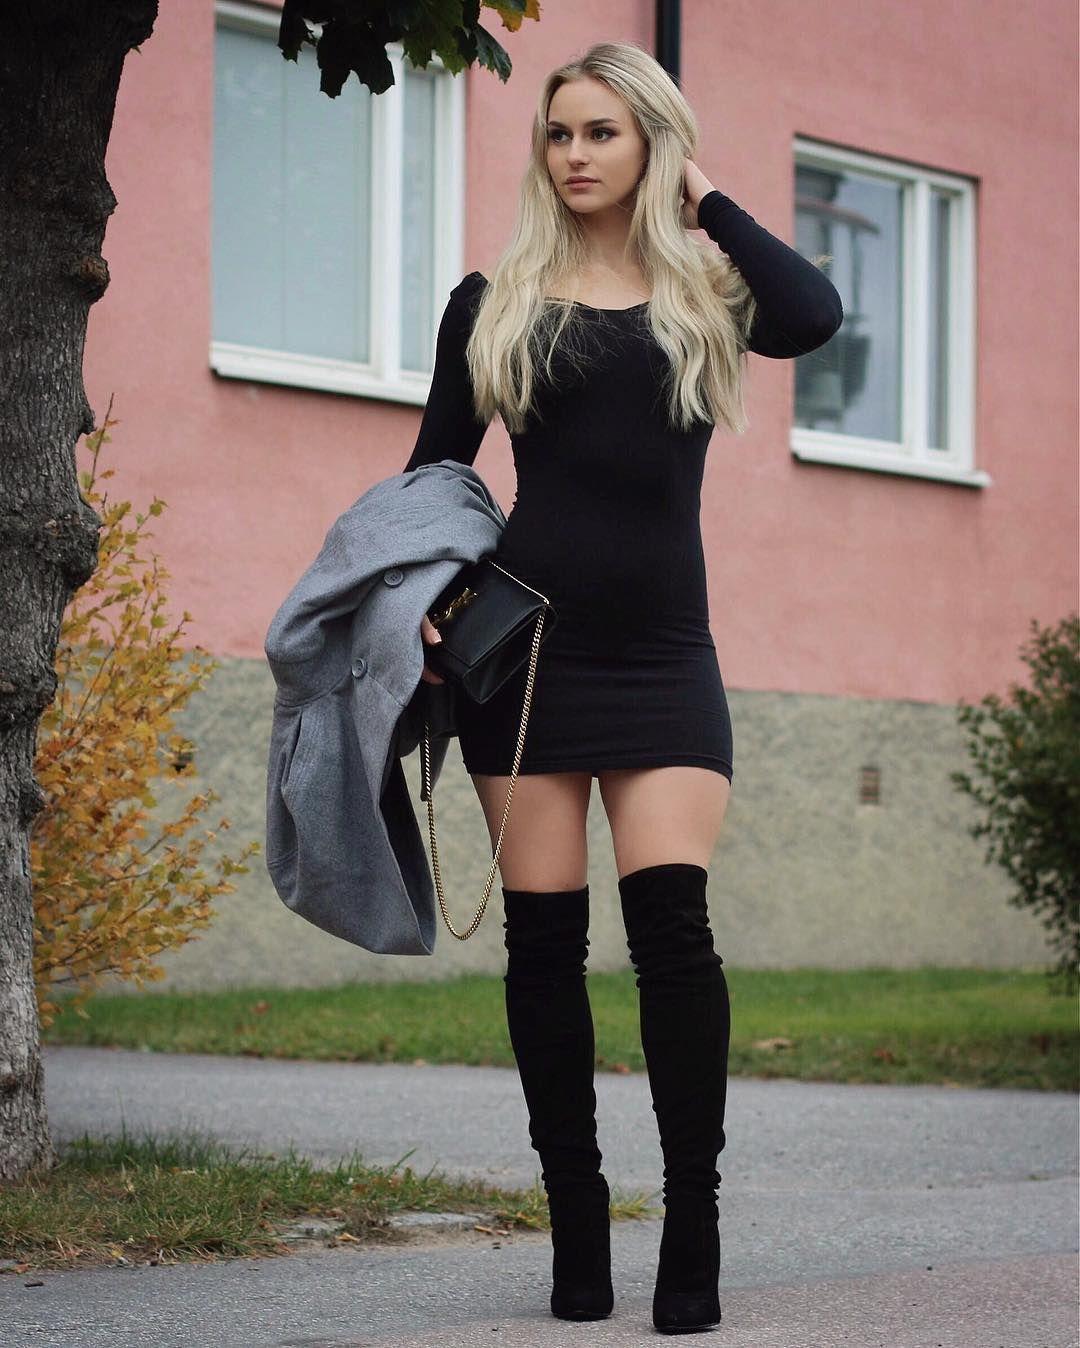 foto de Anna Nyström (con imágenes) Outfits casuales Moda